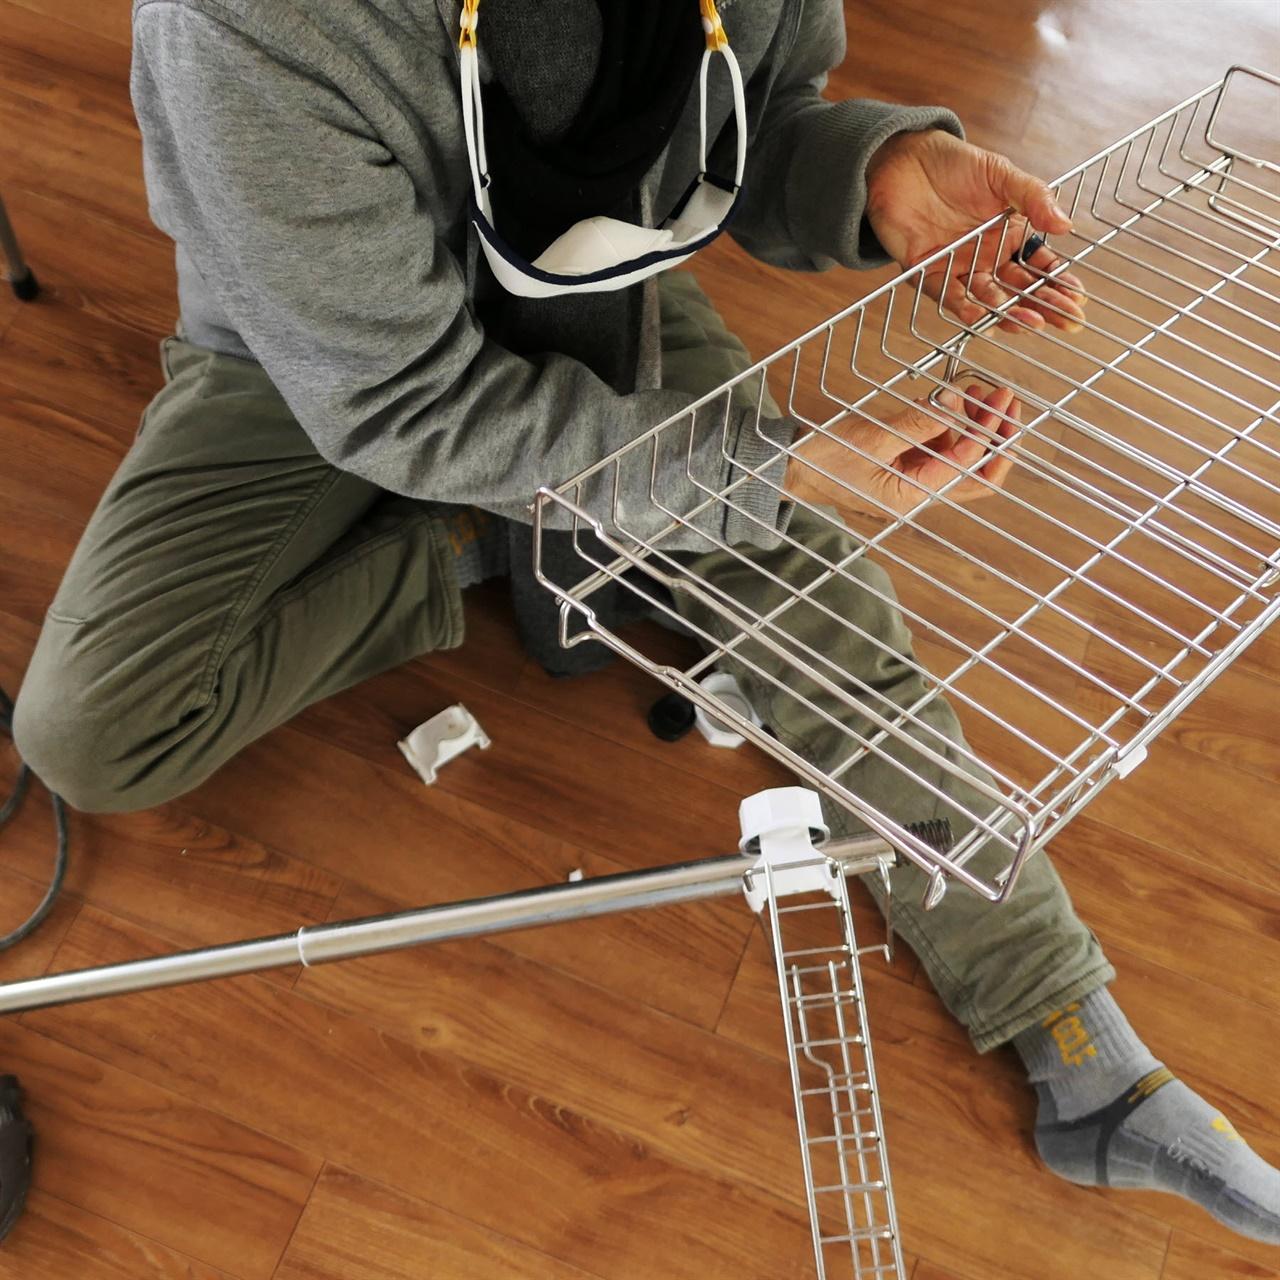 주방 설거지 선반으로 활용하면 좋을 재활용 스틸 선반